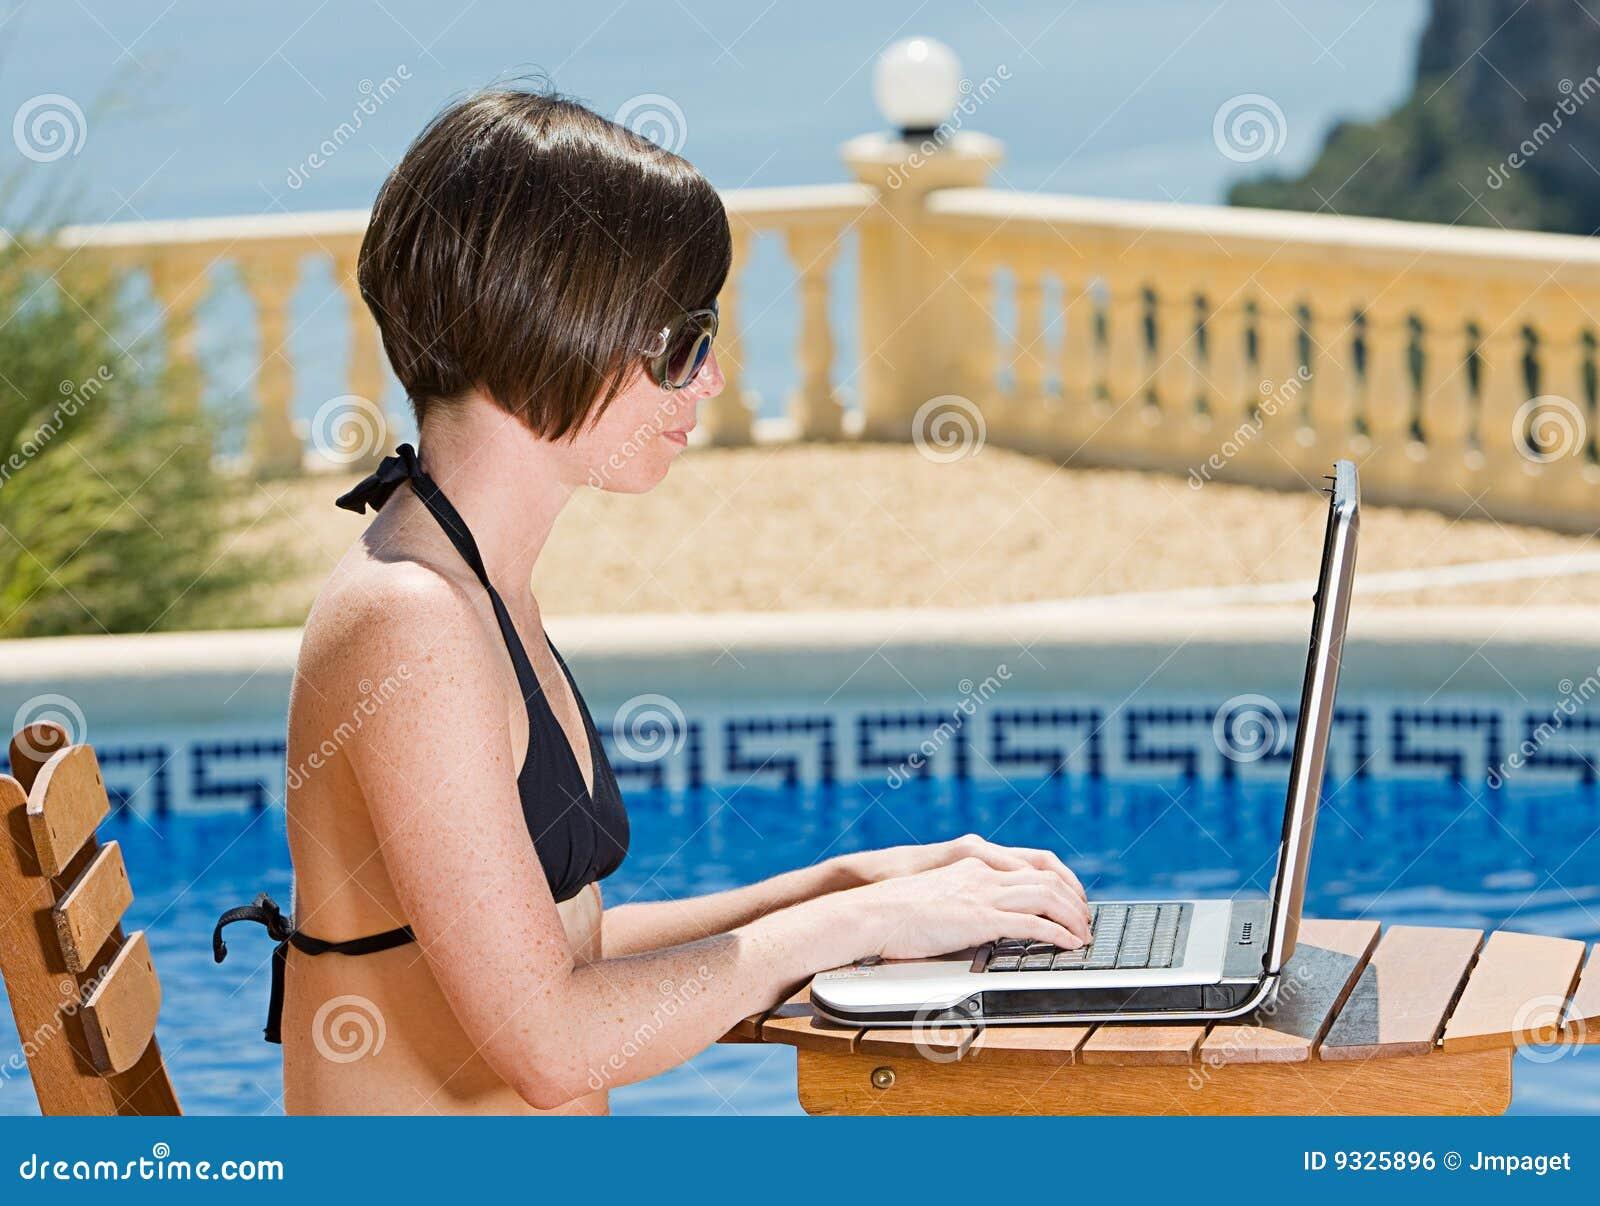 Girl In Bikini Using Laptop By The Pool